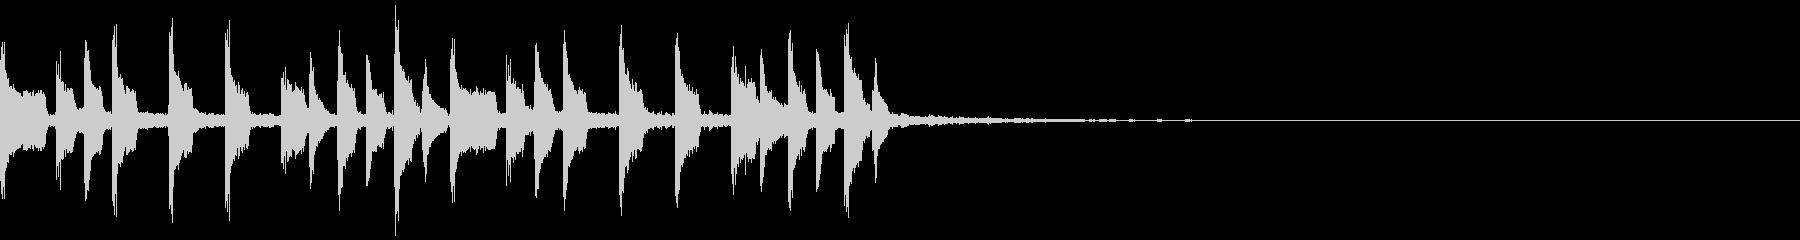 スローなトラップジングル3の未再生の波形